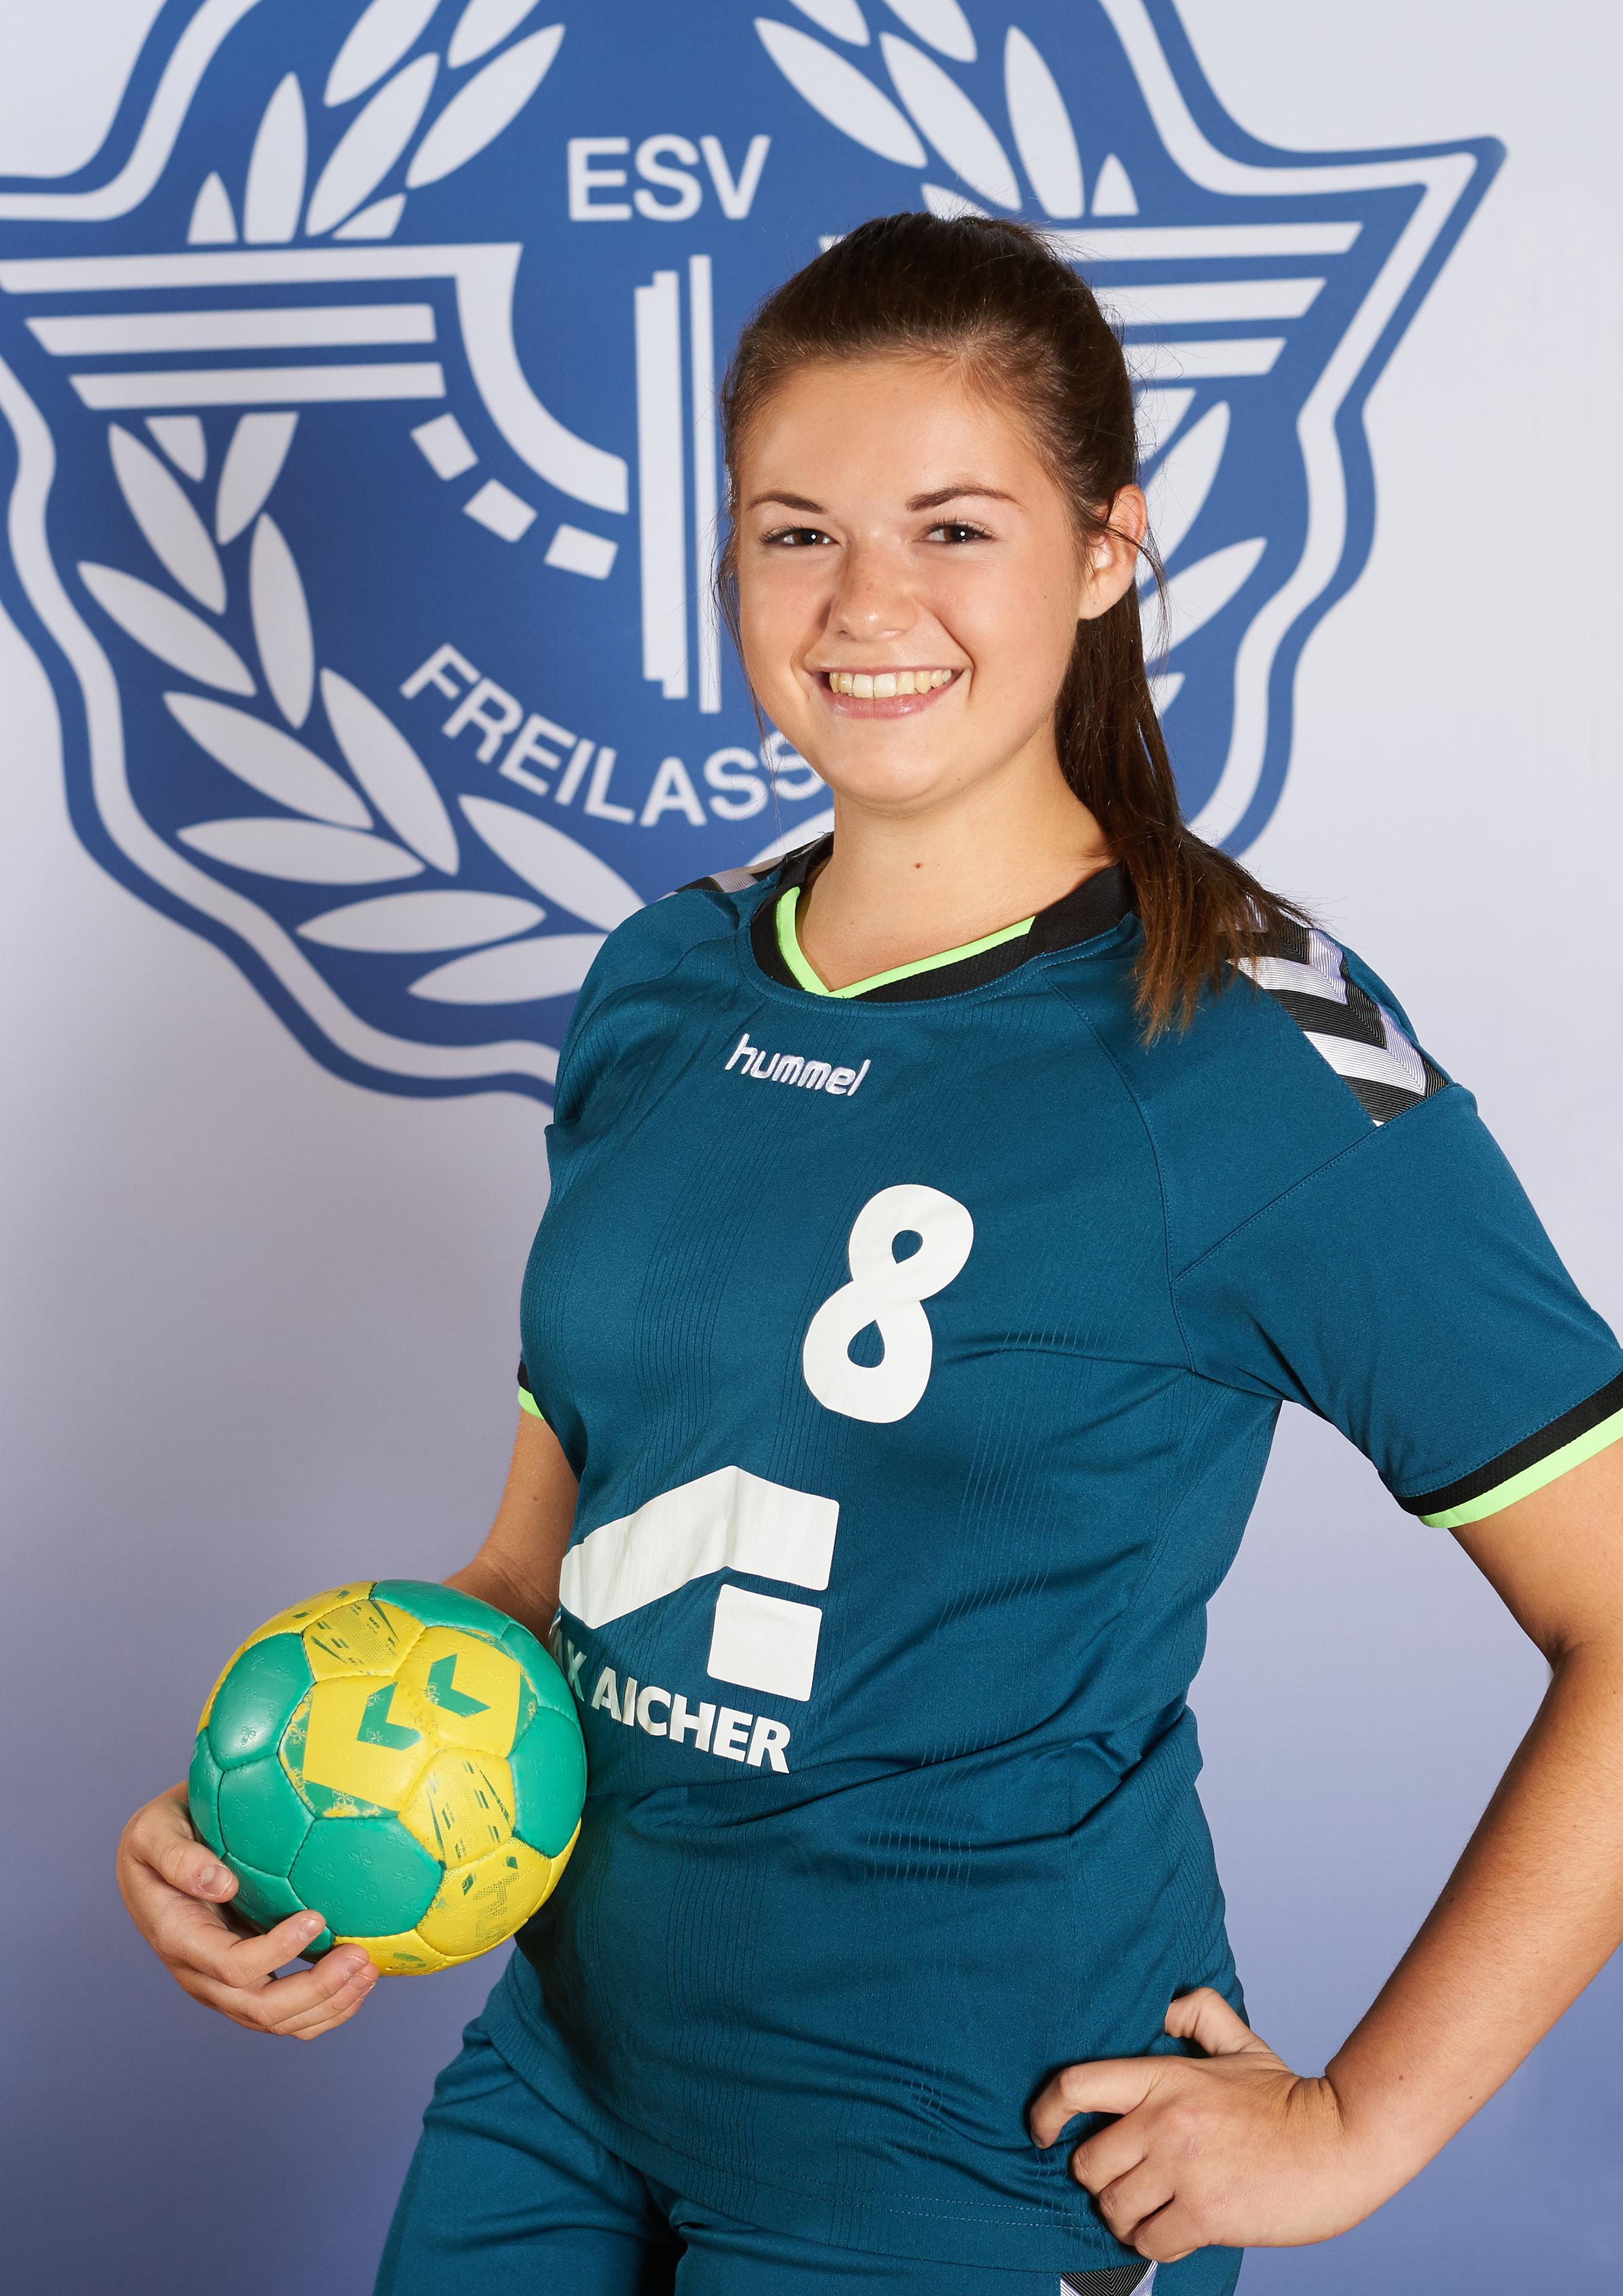 Natascha Hasenöhrl